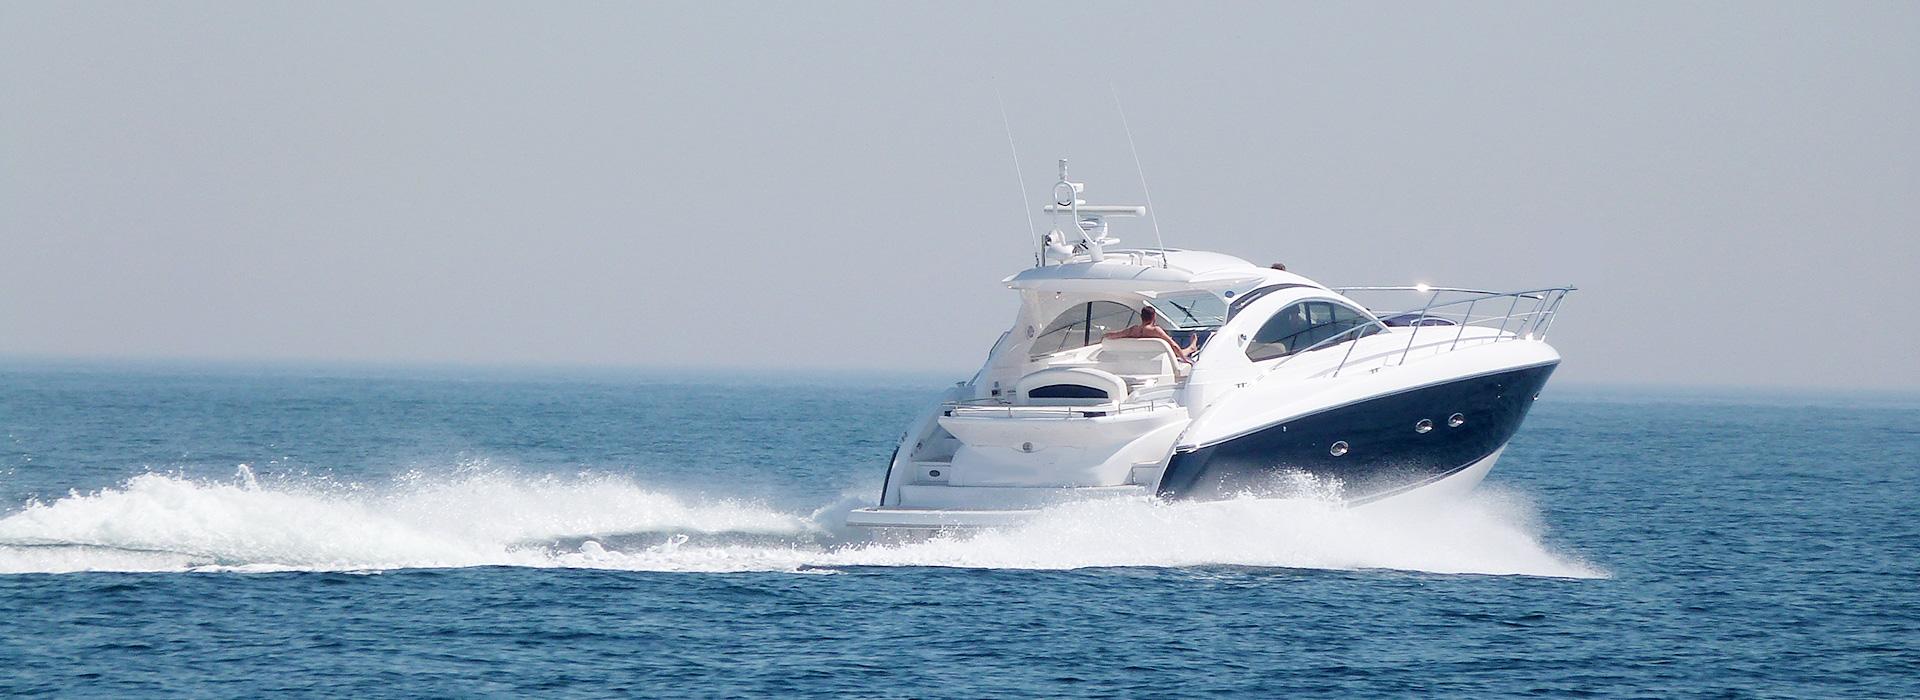 Sportboothandel Johannsen